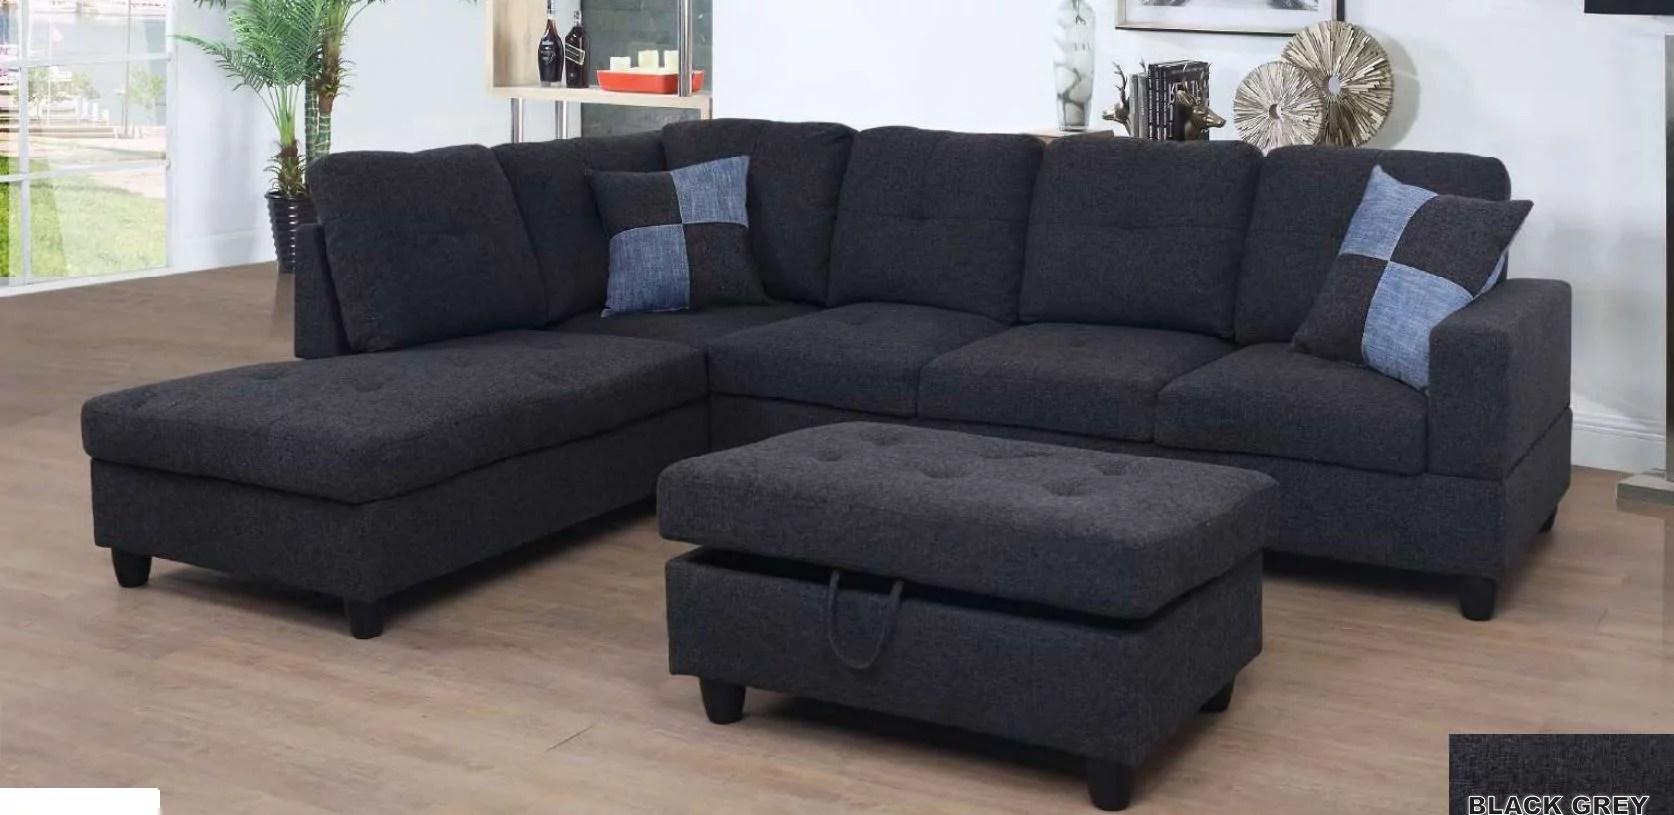 ult dark gray linen sectional sofa left facing chaise 74 5 d x 103 5 w x 35 h